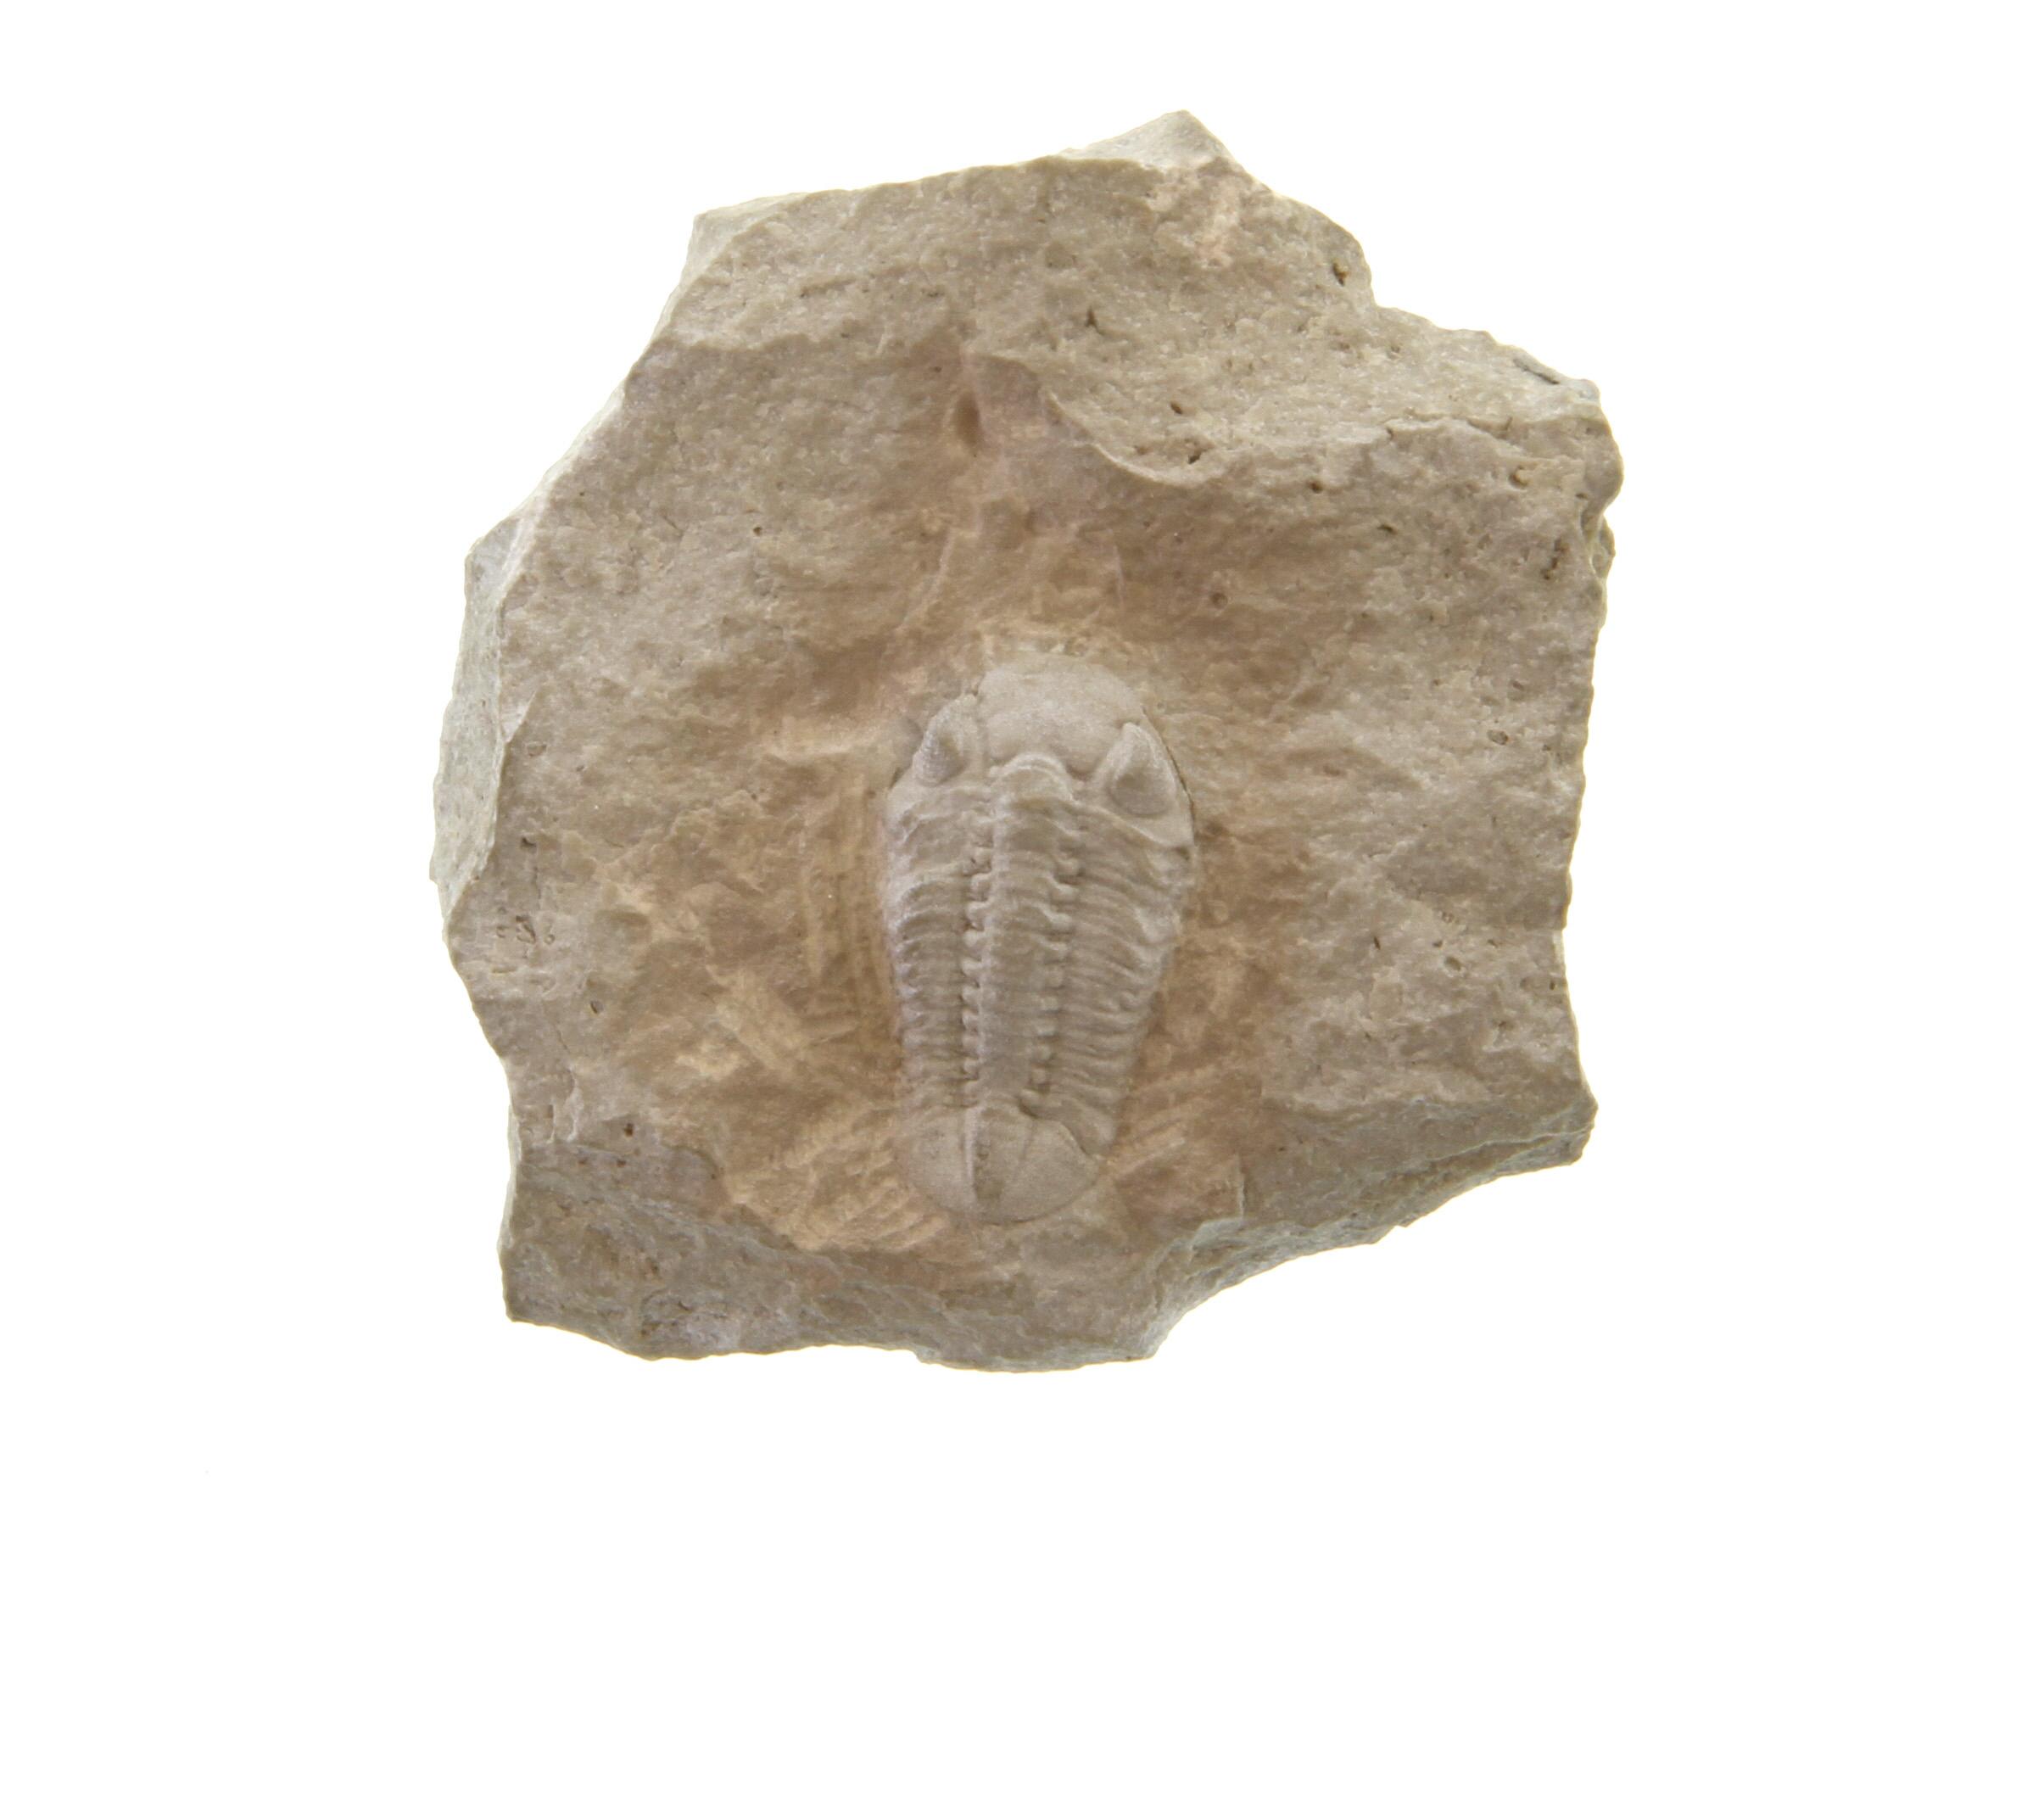 Species: Eophacops handwerki